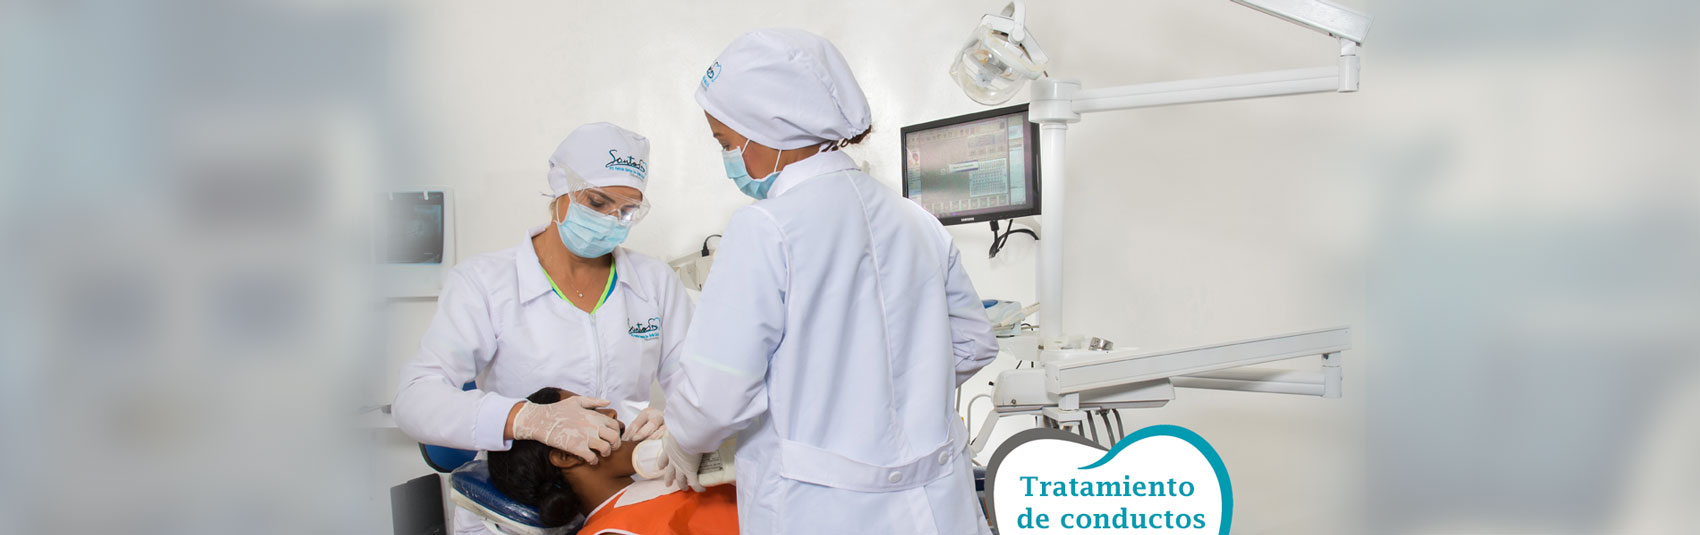 endodoncia,-tratamiento-de-conductos